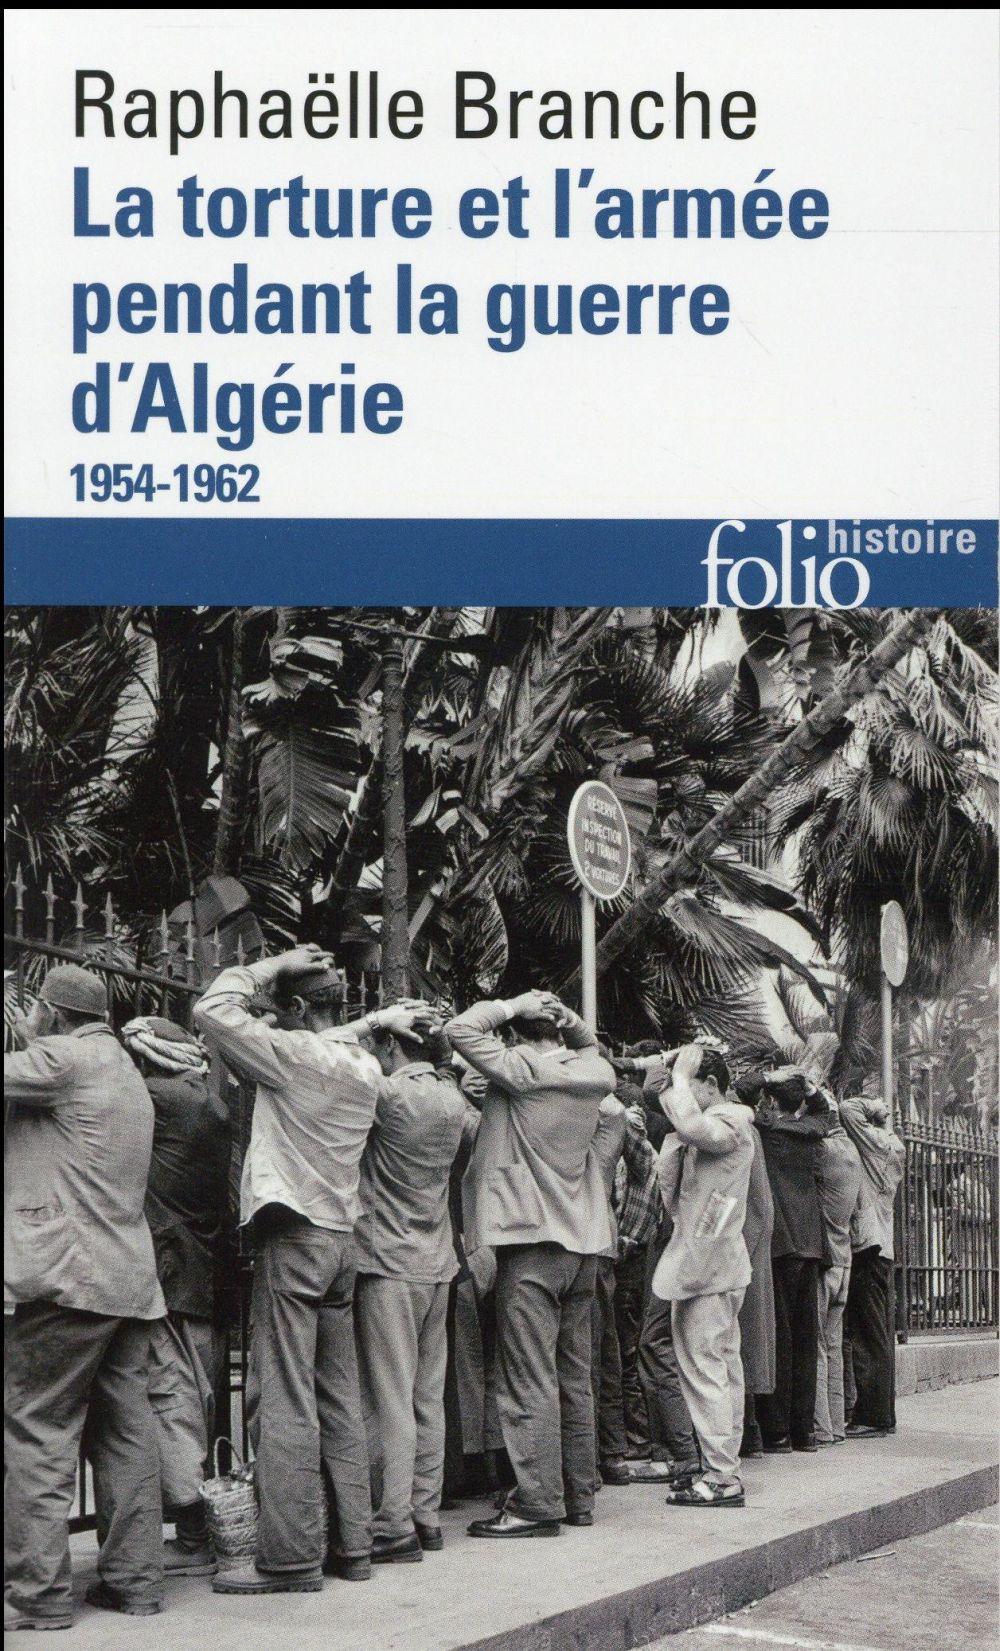 LA TORTURE ET L'ARMEE PENDANT LA GUERRE D'ALGERIE 1954-1962 - 1954-1962)